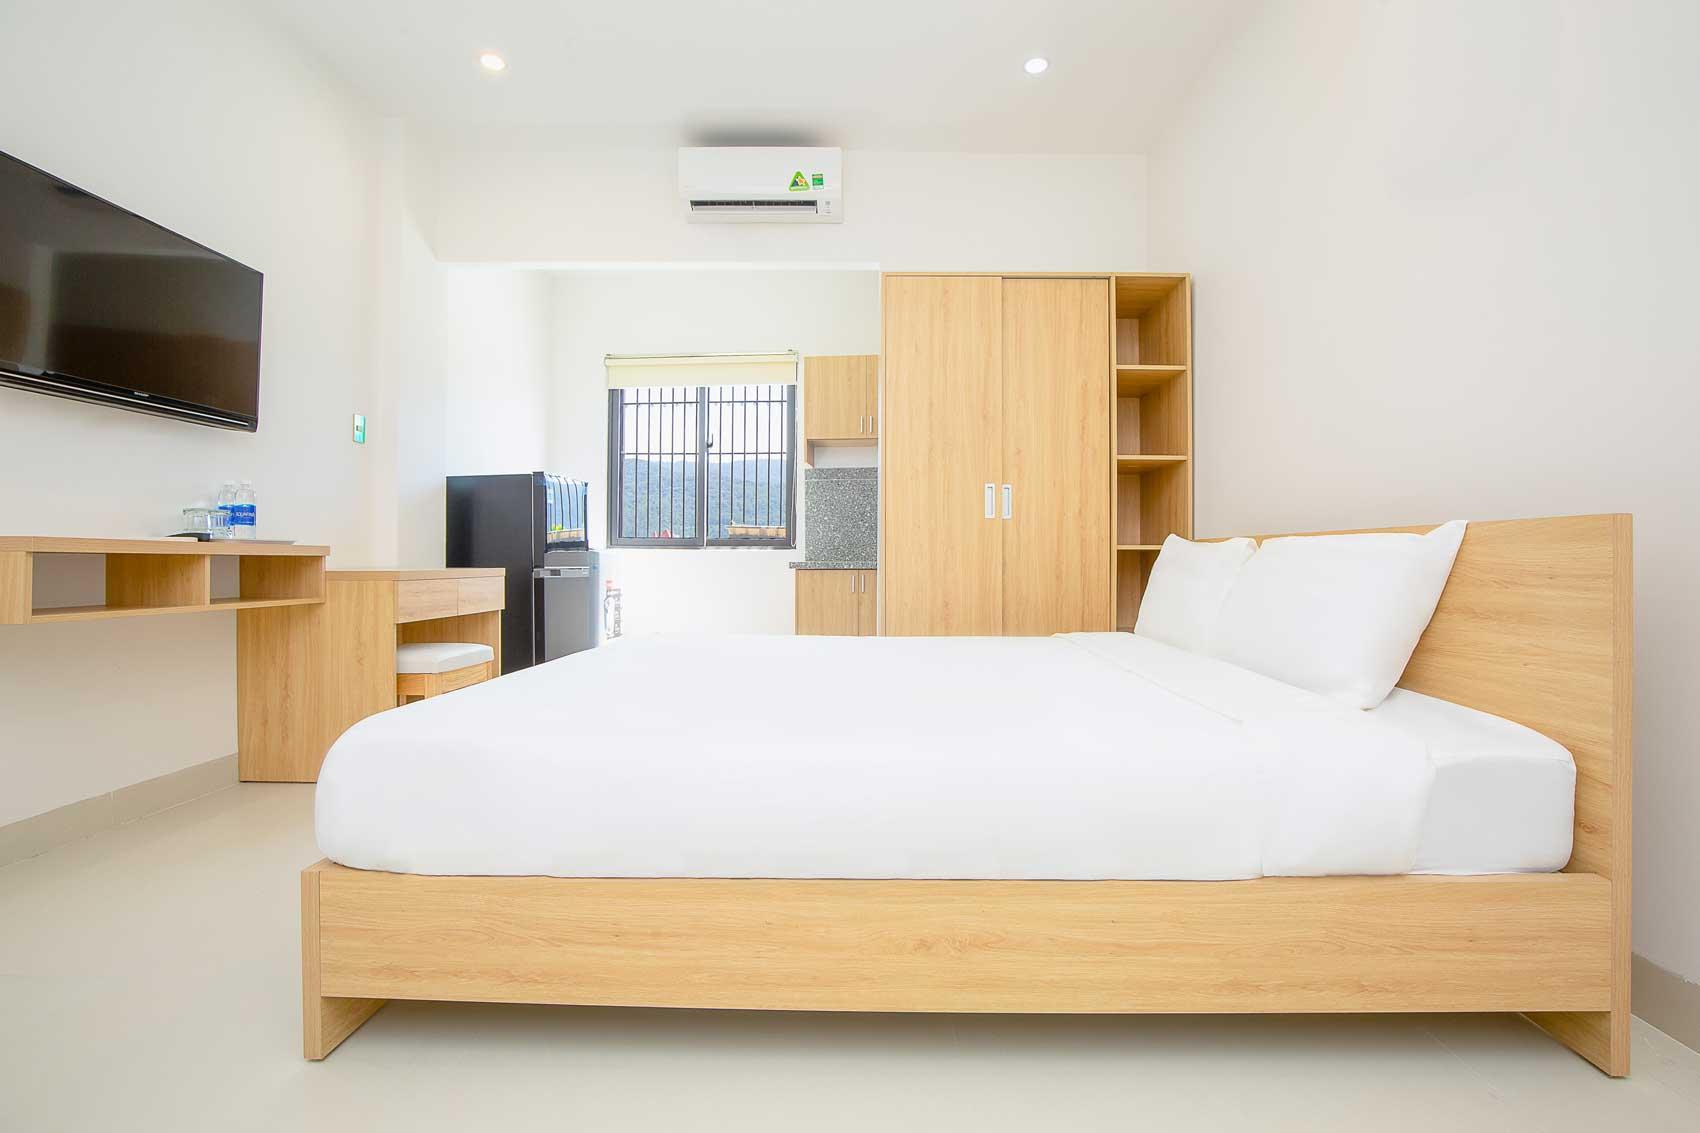 Thiết kế khách sạn Hiền Lương